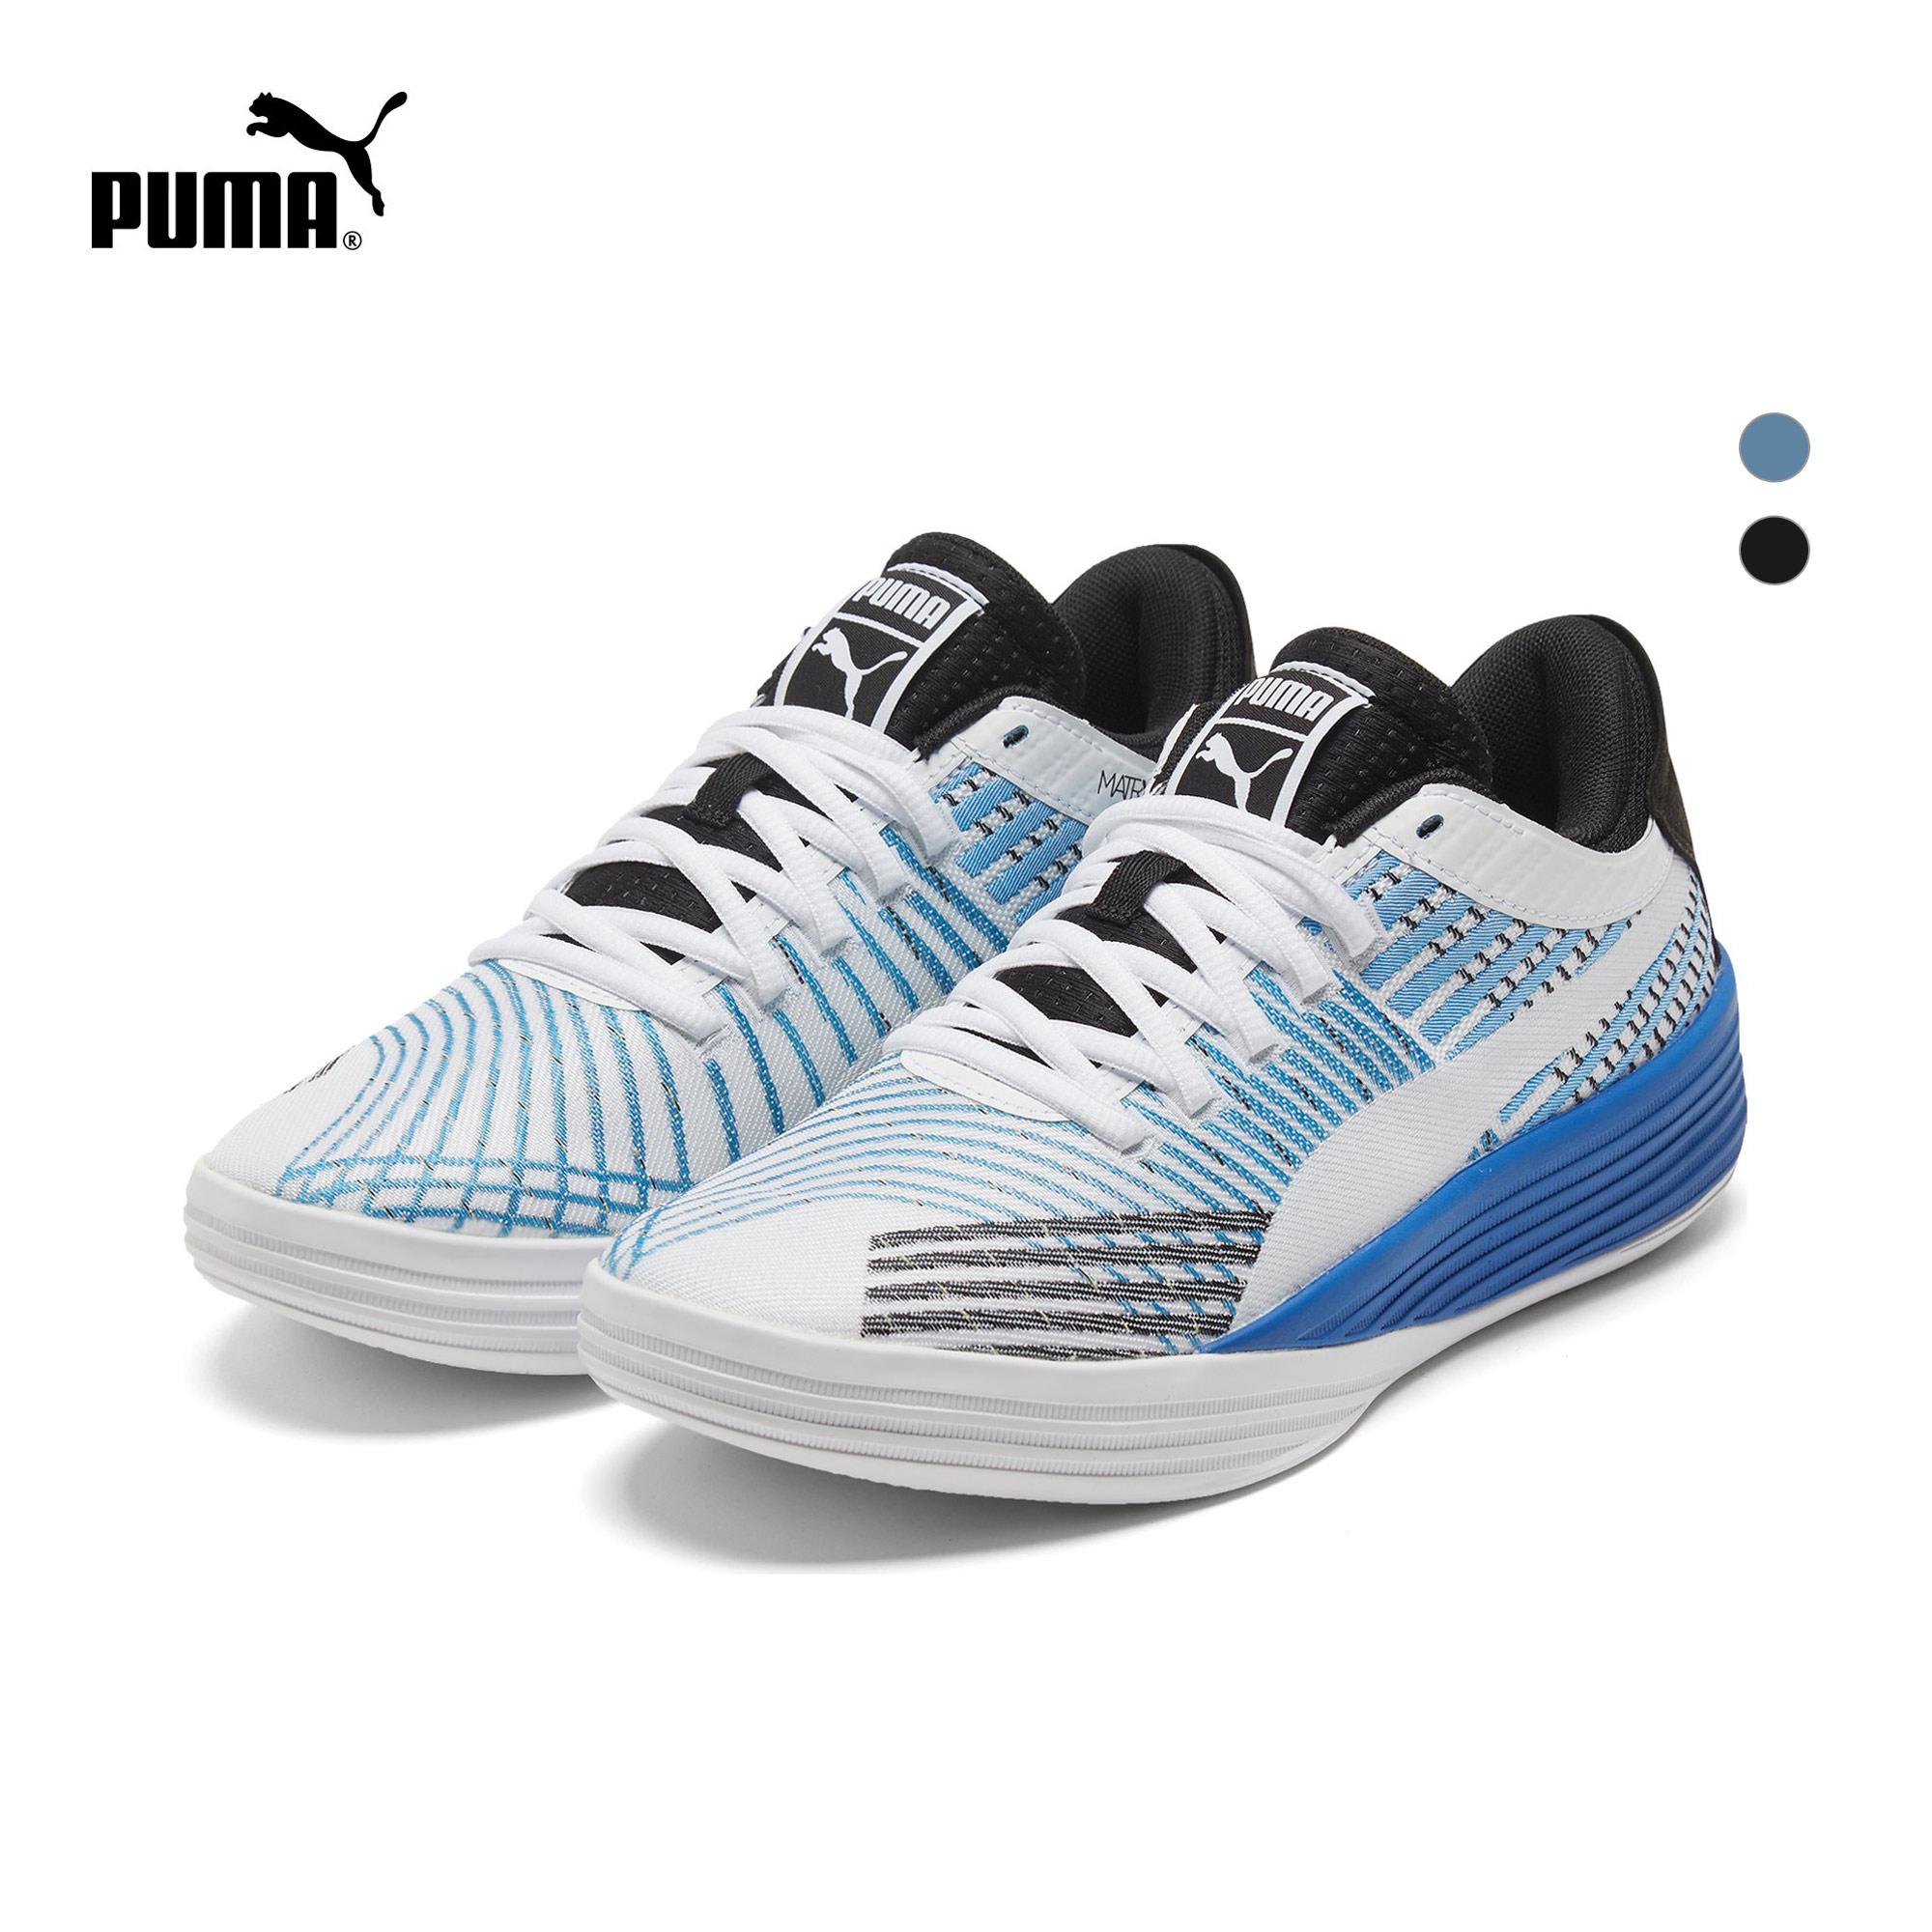 puma官方正品新款男女同款篮球鞋好不好